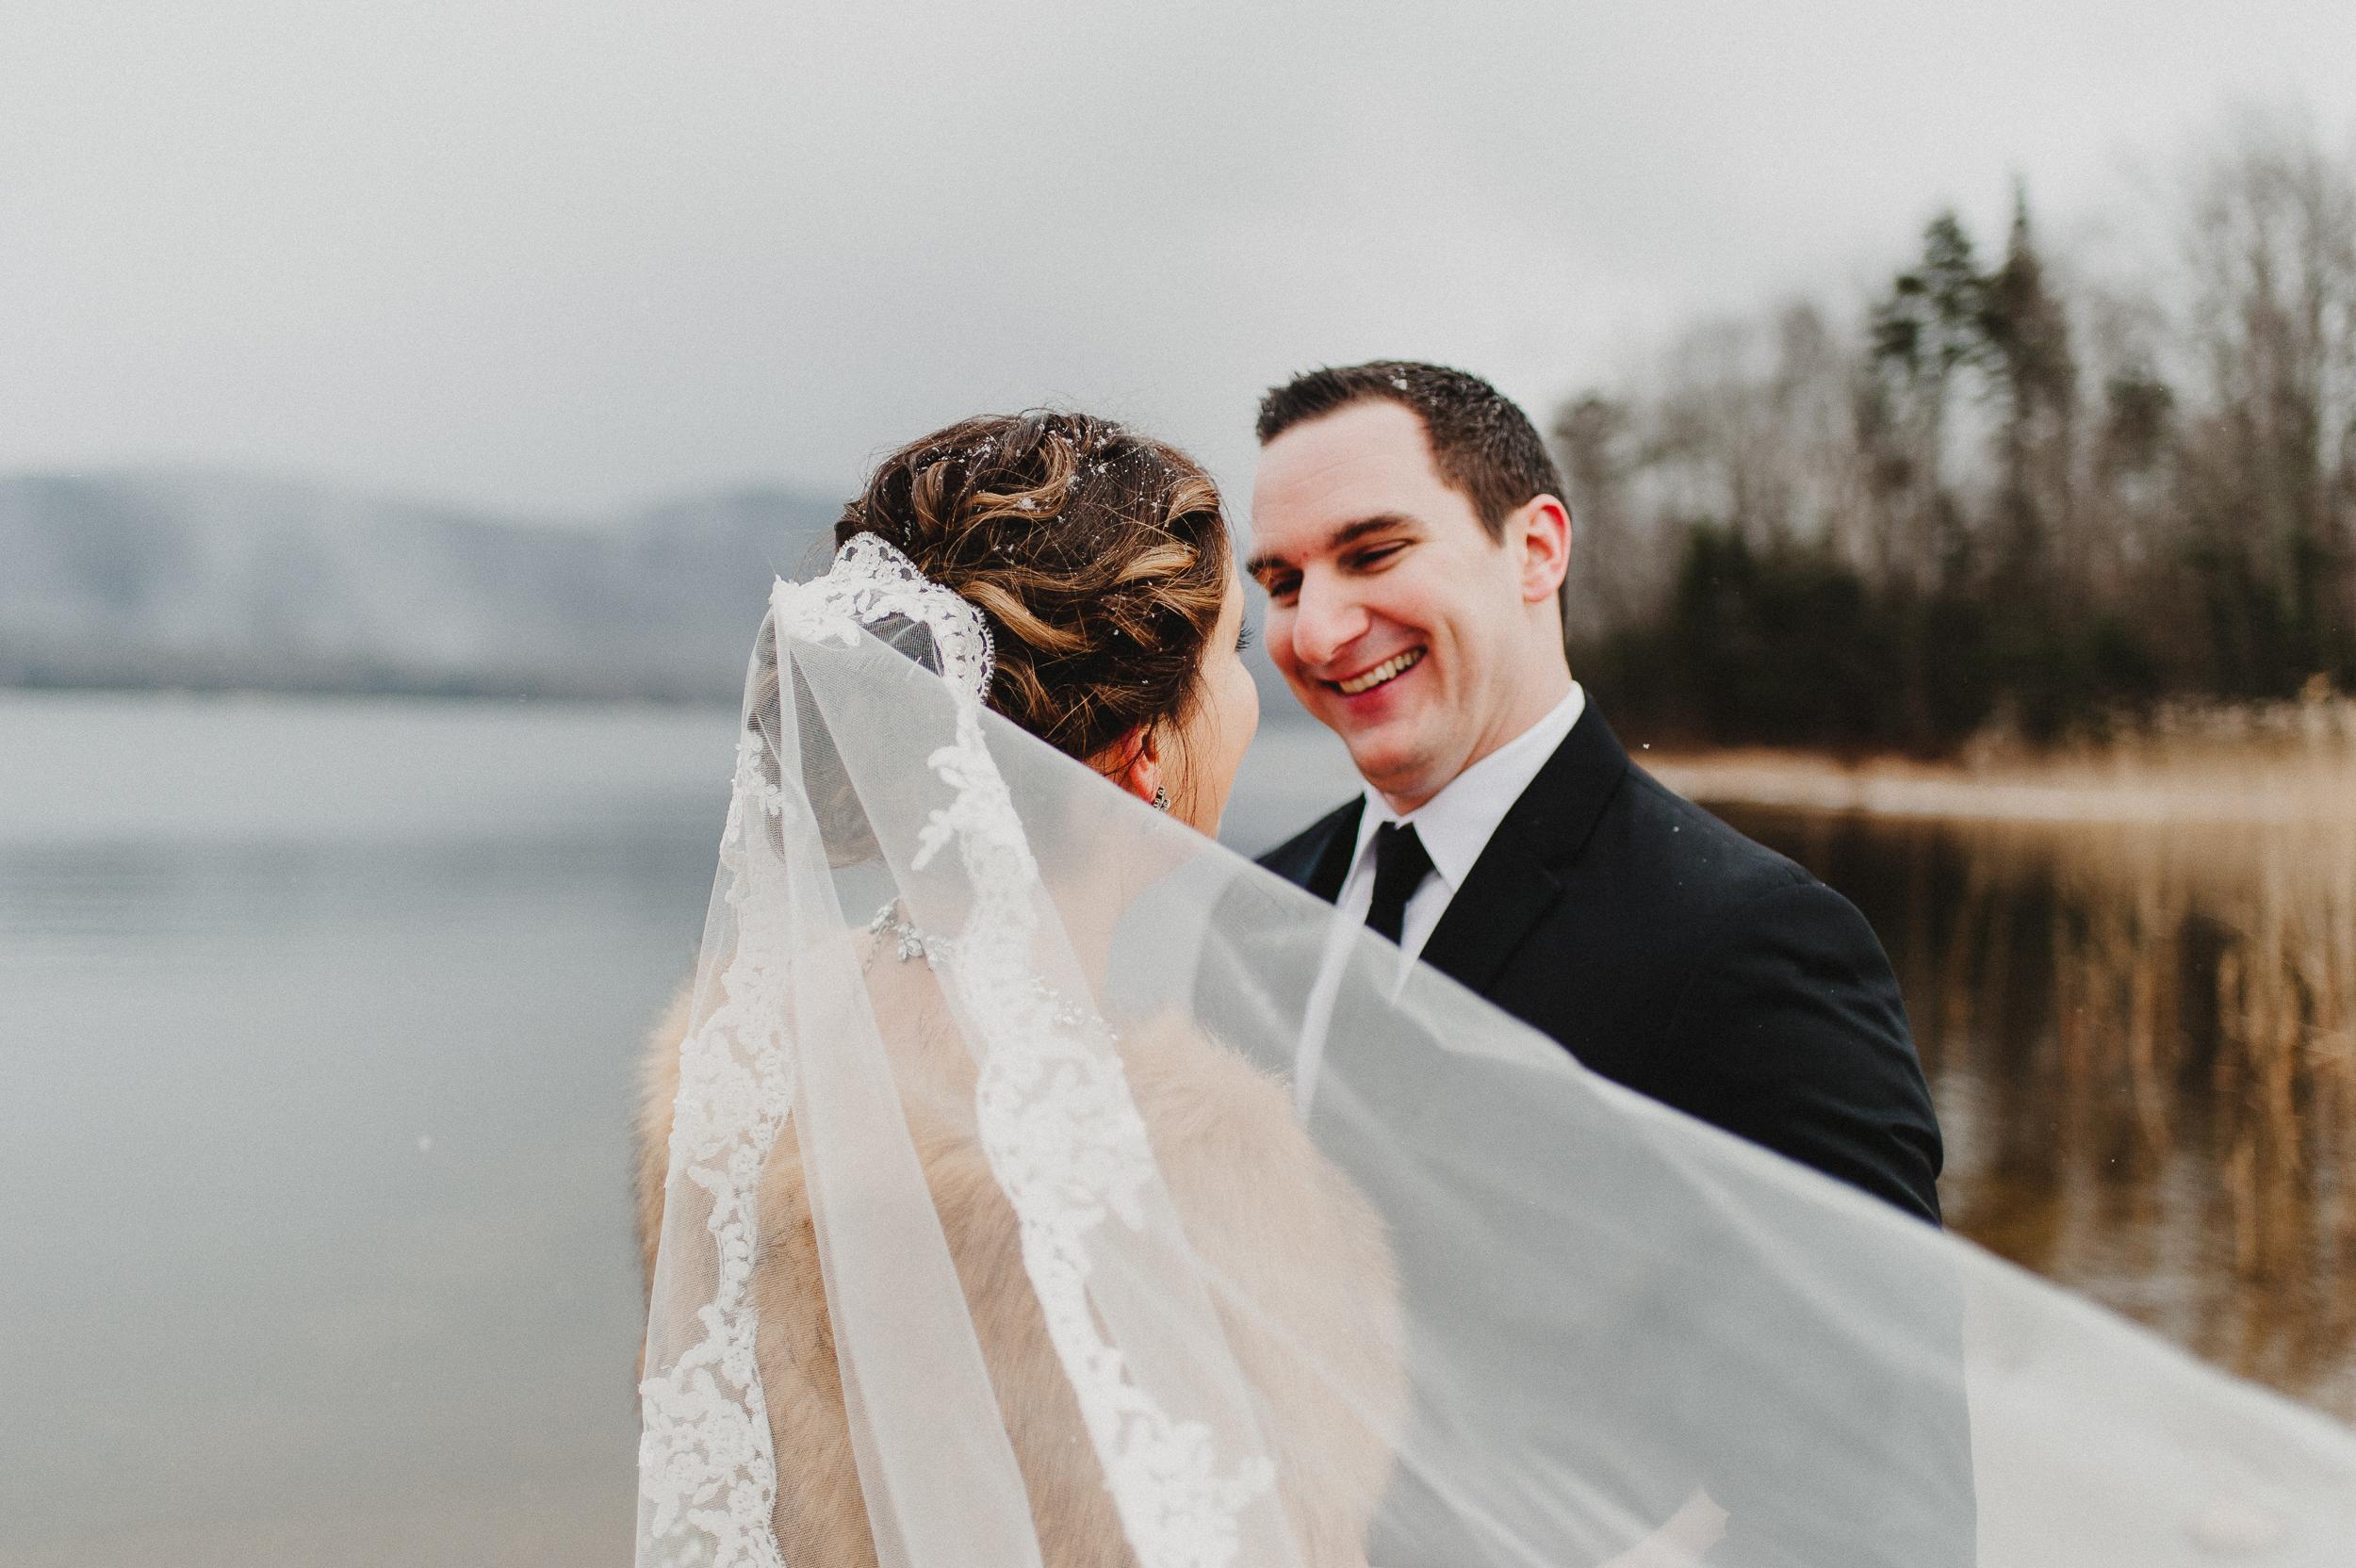 vermont-destination-wedding-photographer-34.jpg